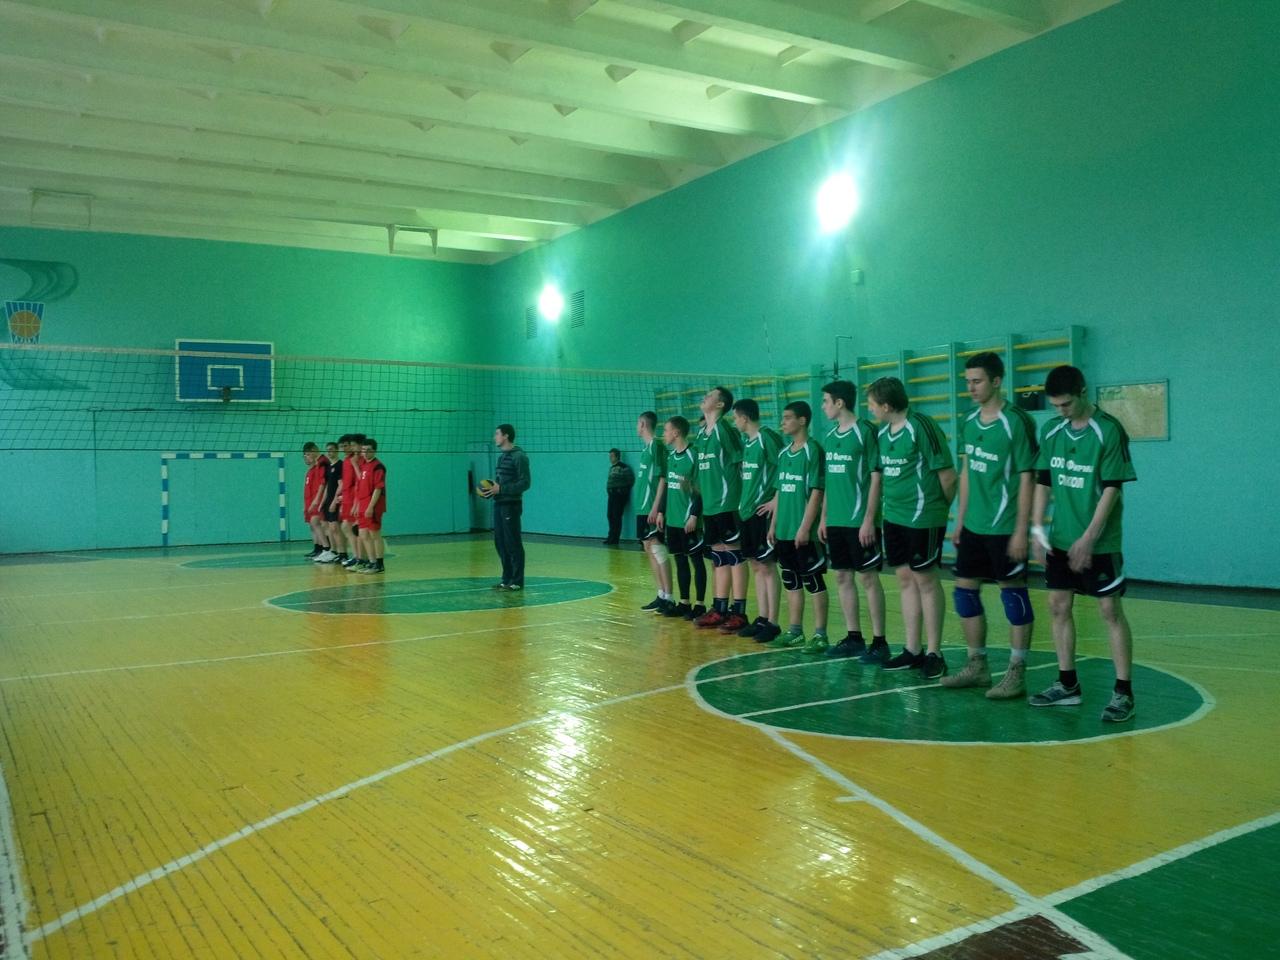 В Кировском районе прошли полуфинальные игры в первенстве города по волейболу среди юношей